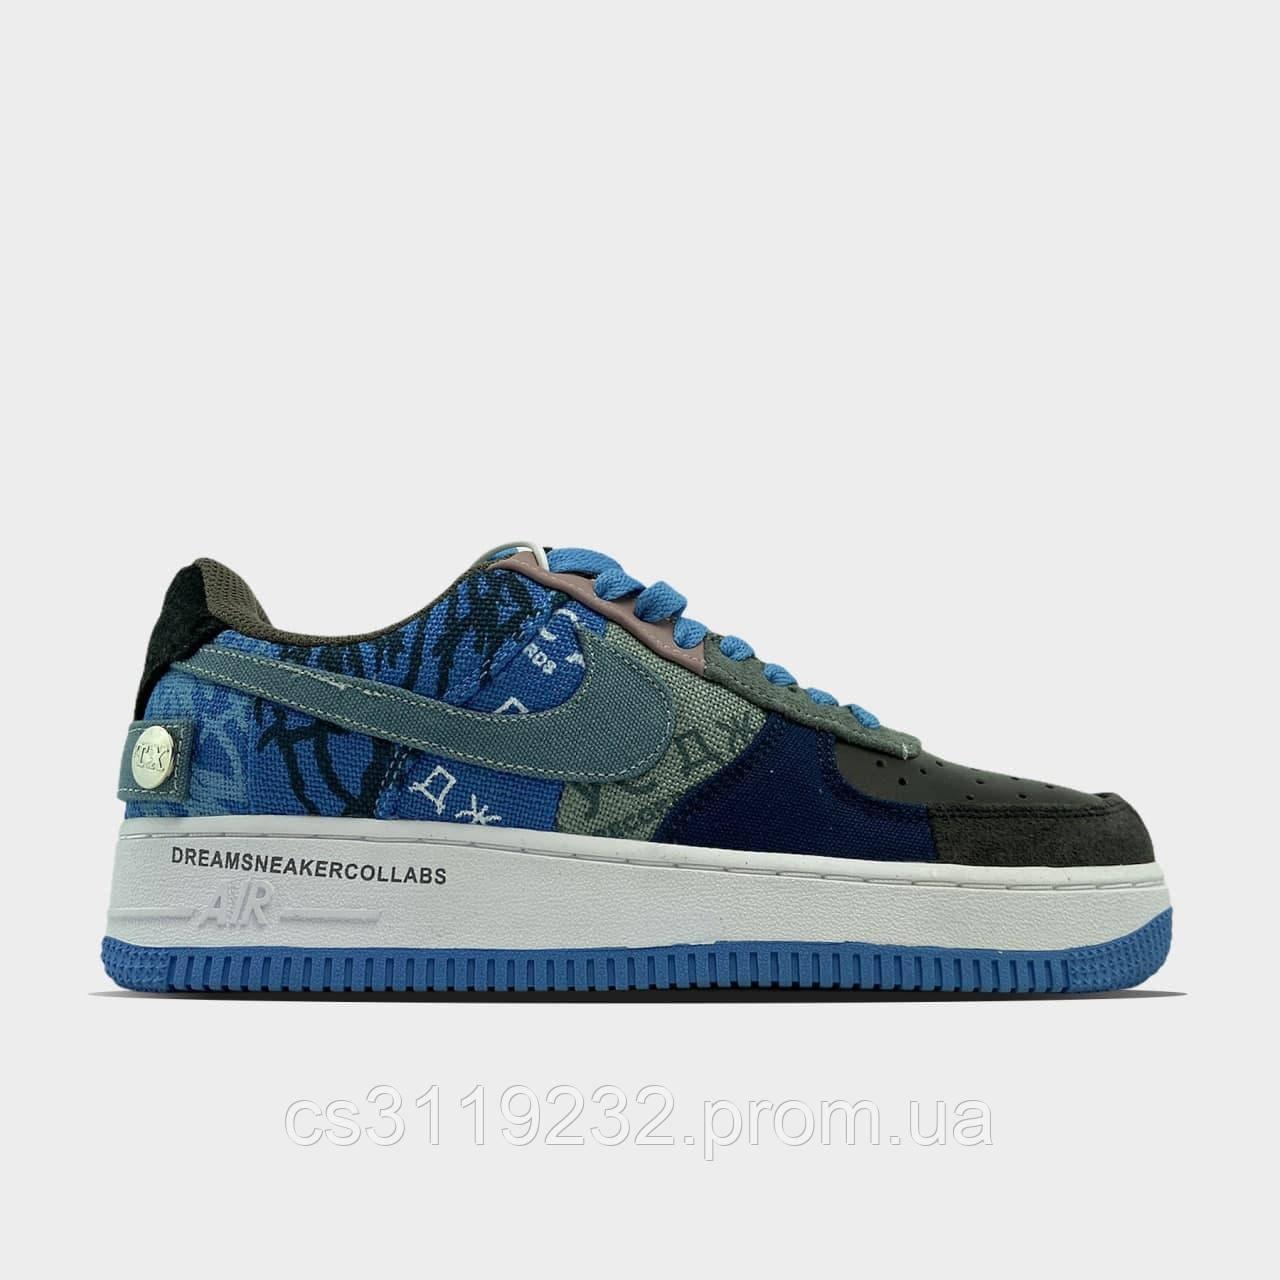 Чоловічі кросівки Nike Air Force Low GORE-TEX Beige (бежевий)